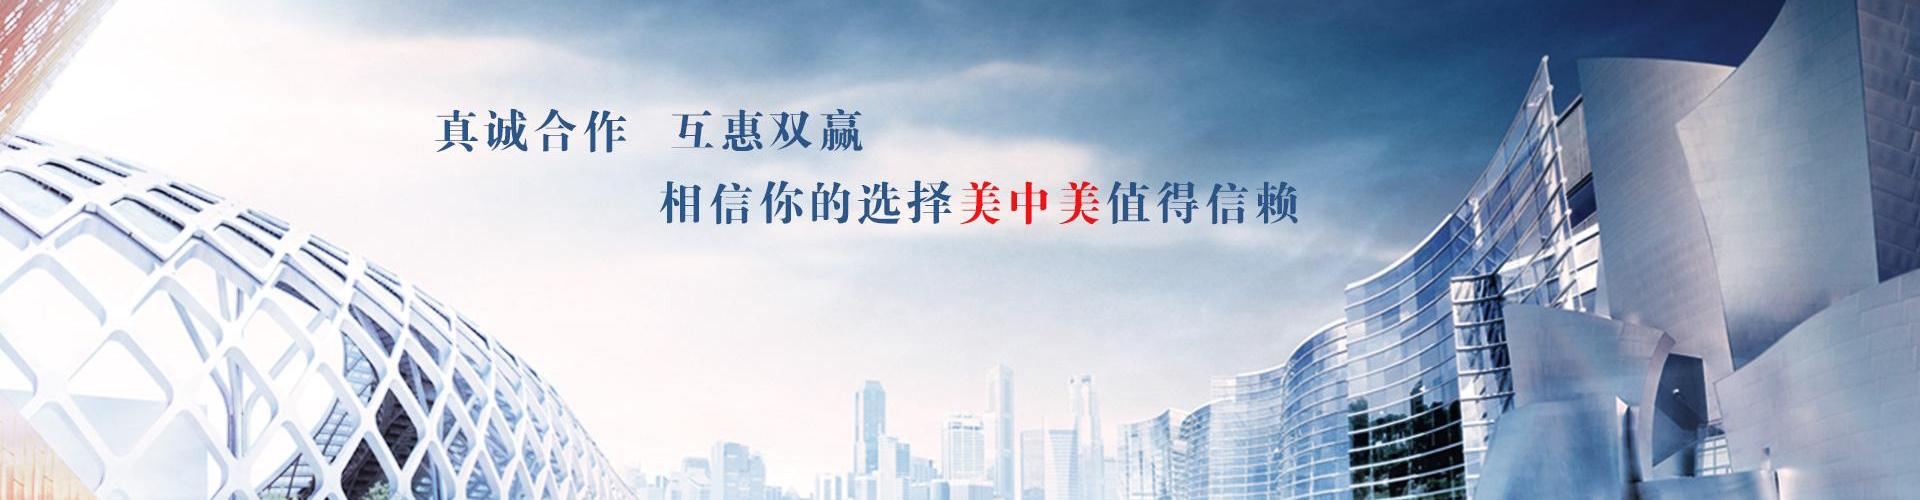 蒙城船舶用品总会-banner1